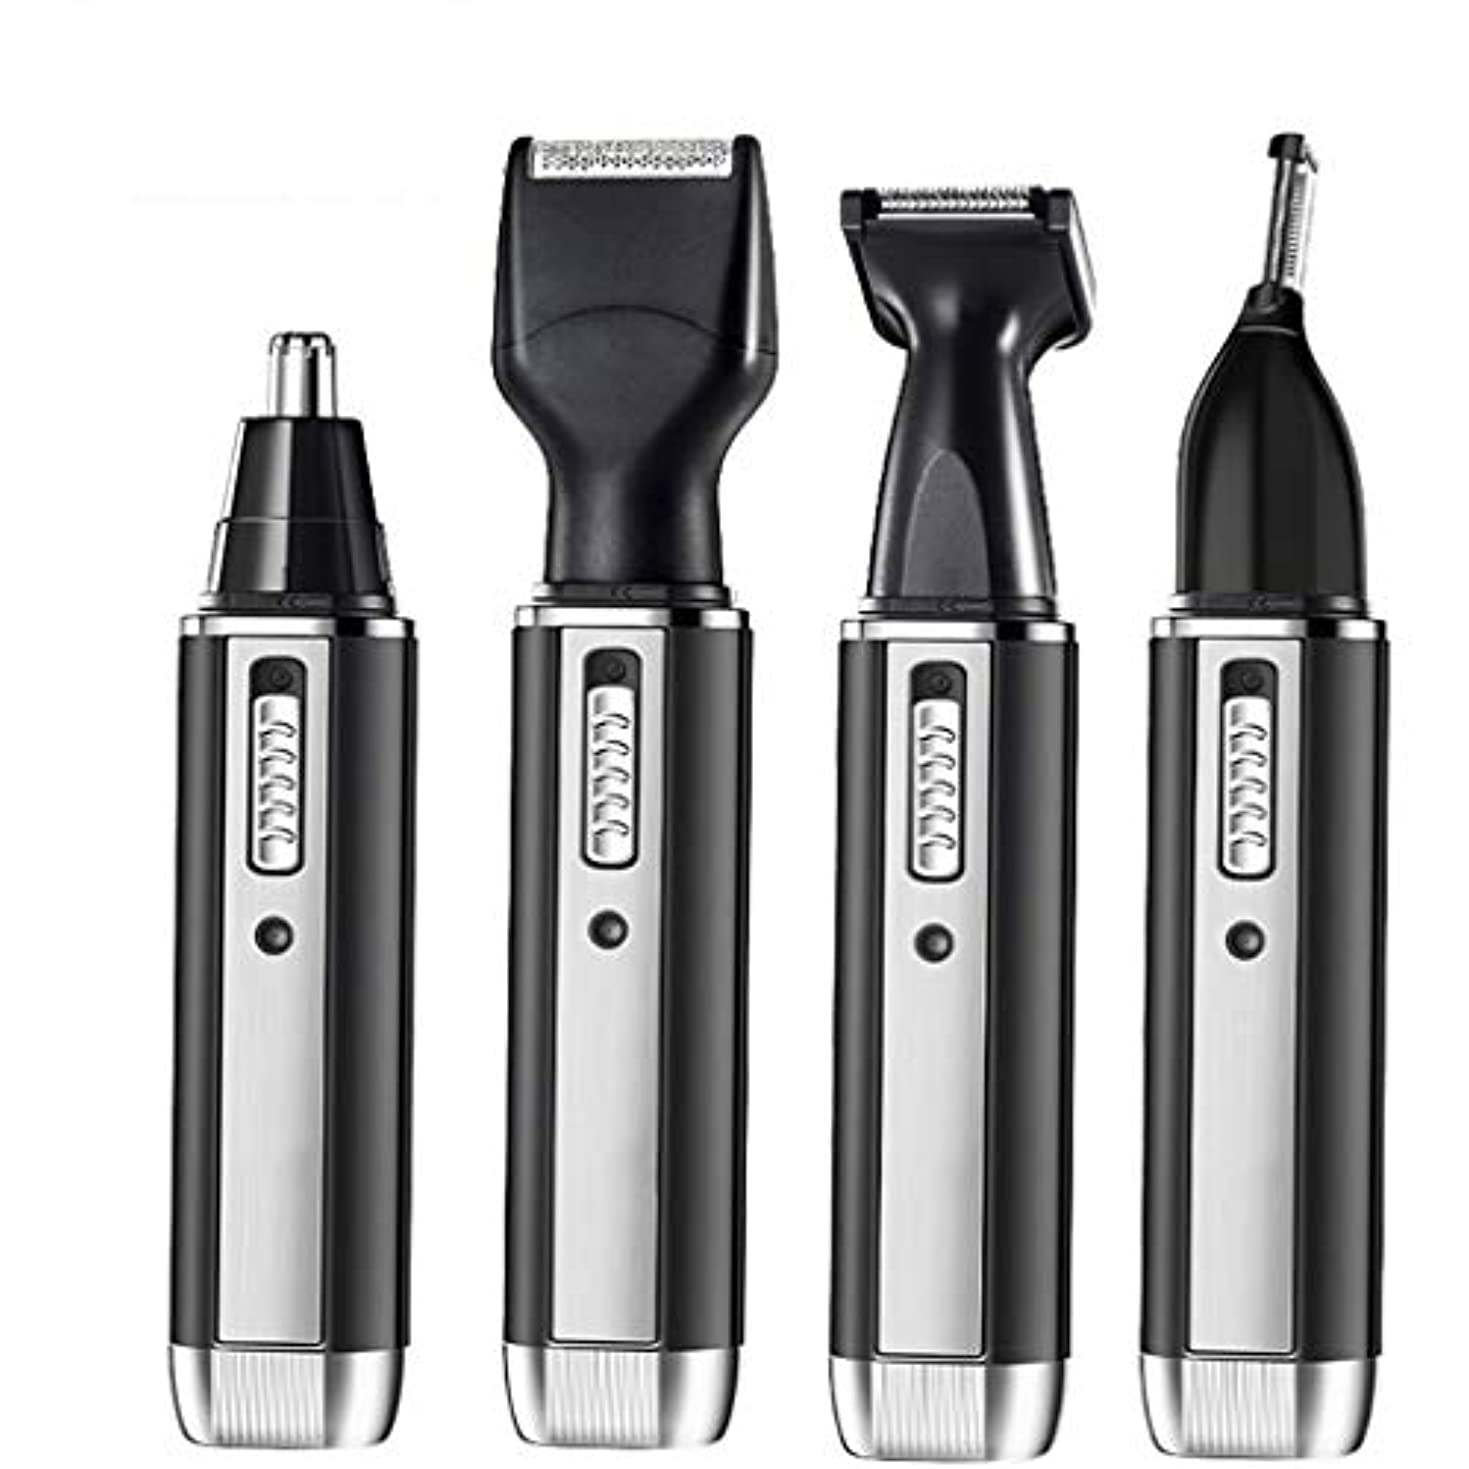 朝燃料偶然男性用電動眉毛シェーピングナイフ、充電式除毛剤、鼻毛トリマー、あらゆる肌タイプに適しています